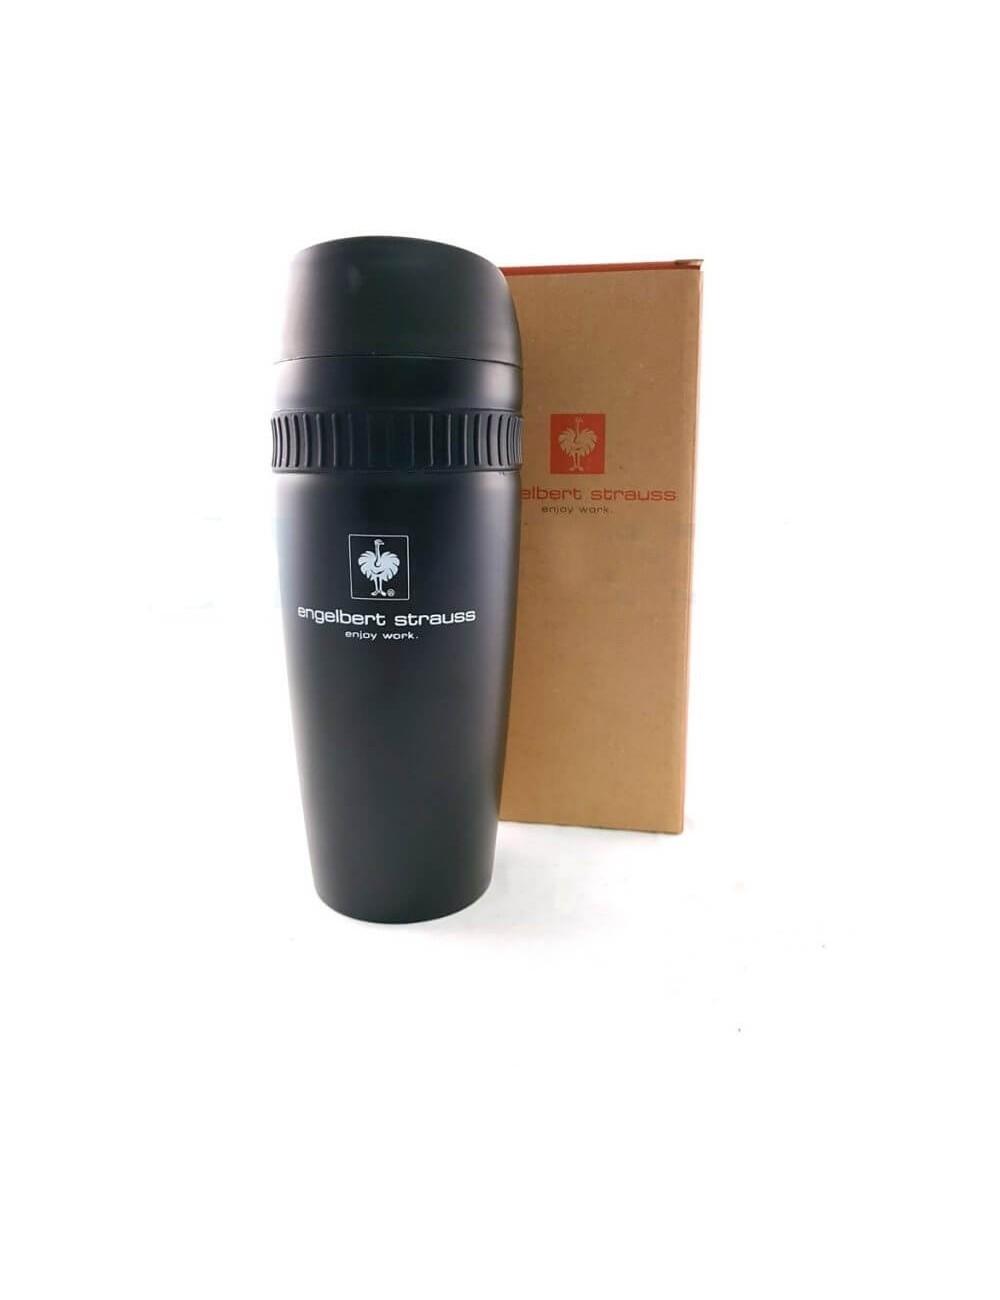 Zestaw prezentowy: kubek termiczny Engelbert Strauss + kawa